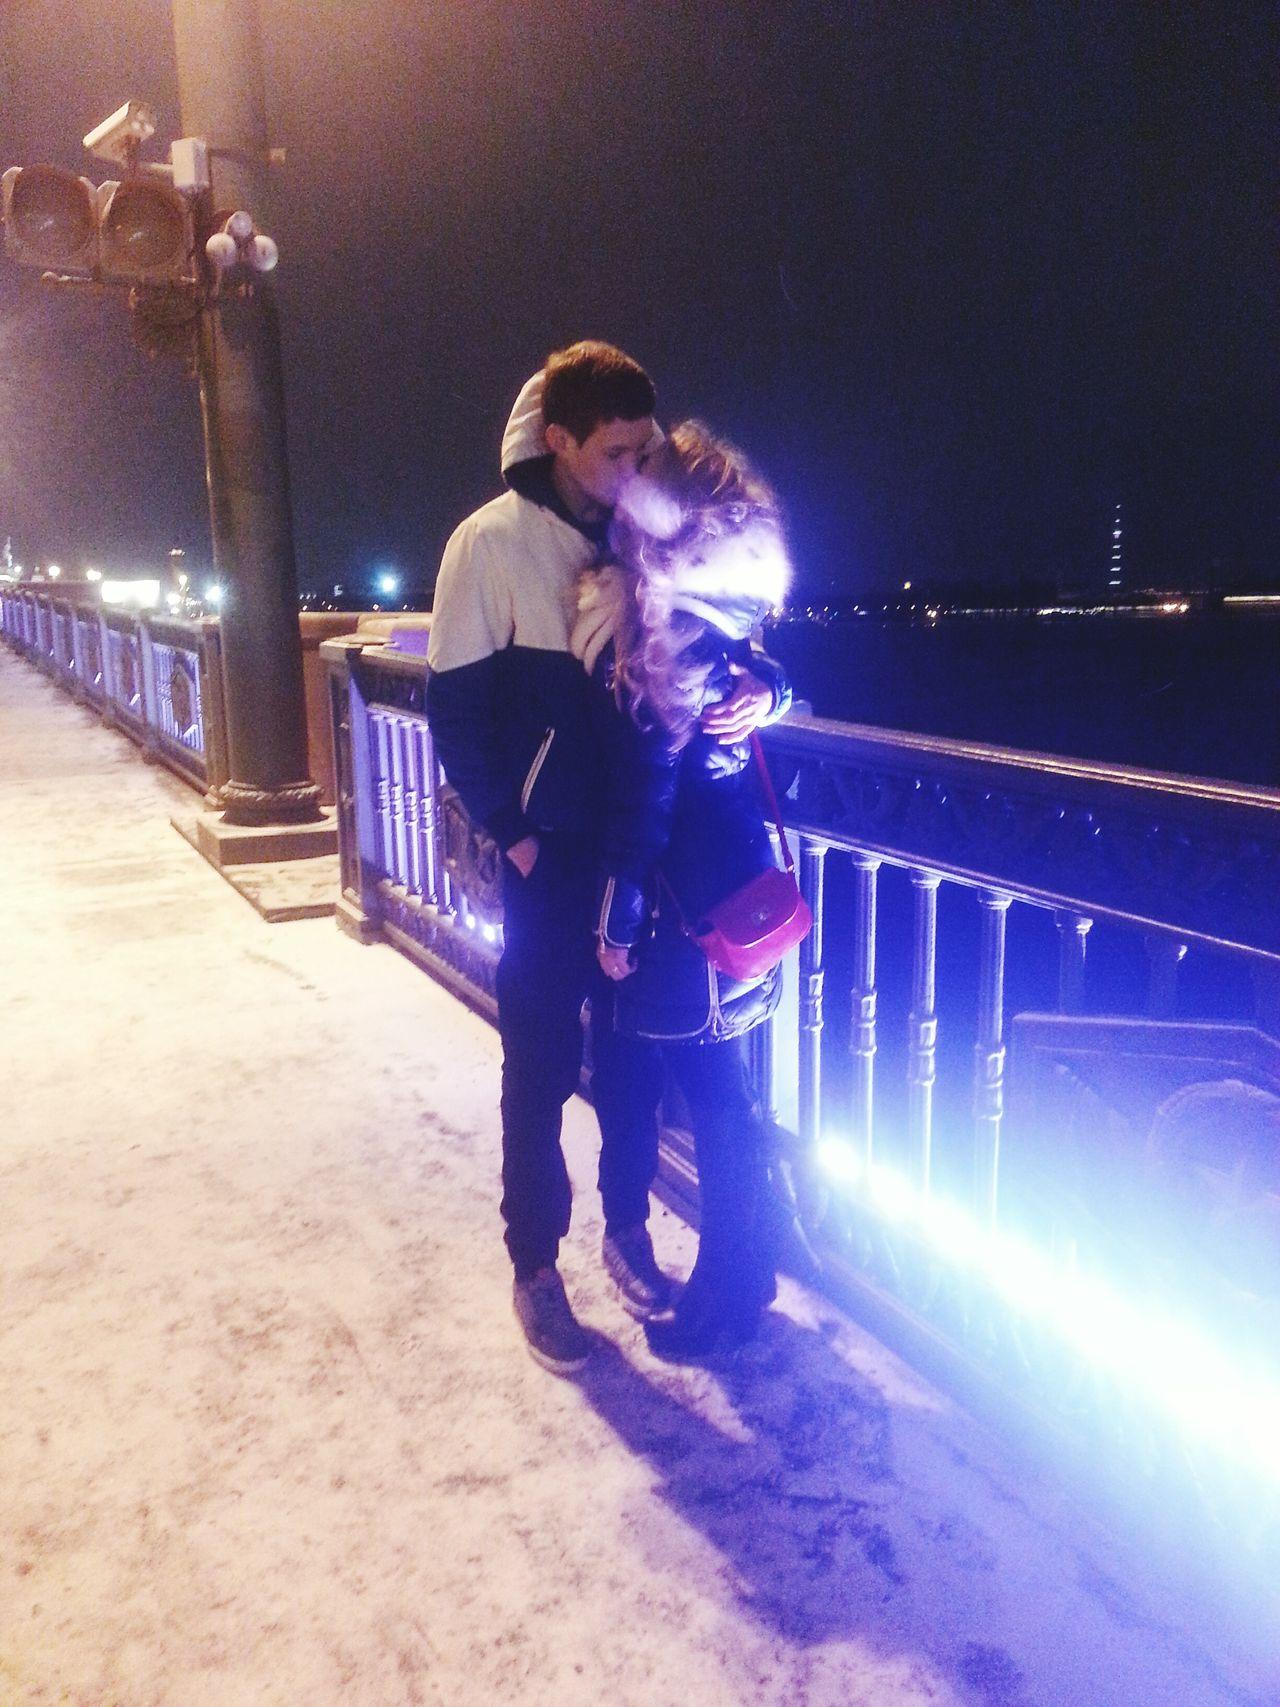 Санкт-Петербург река мост остров крепость пейзаж город Ночь любовь